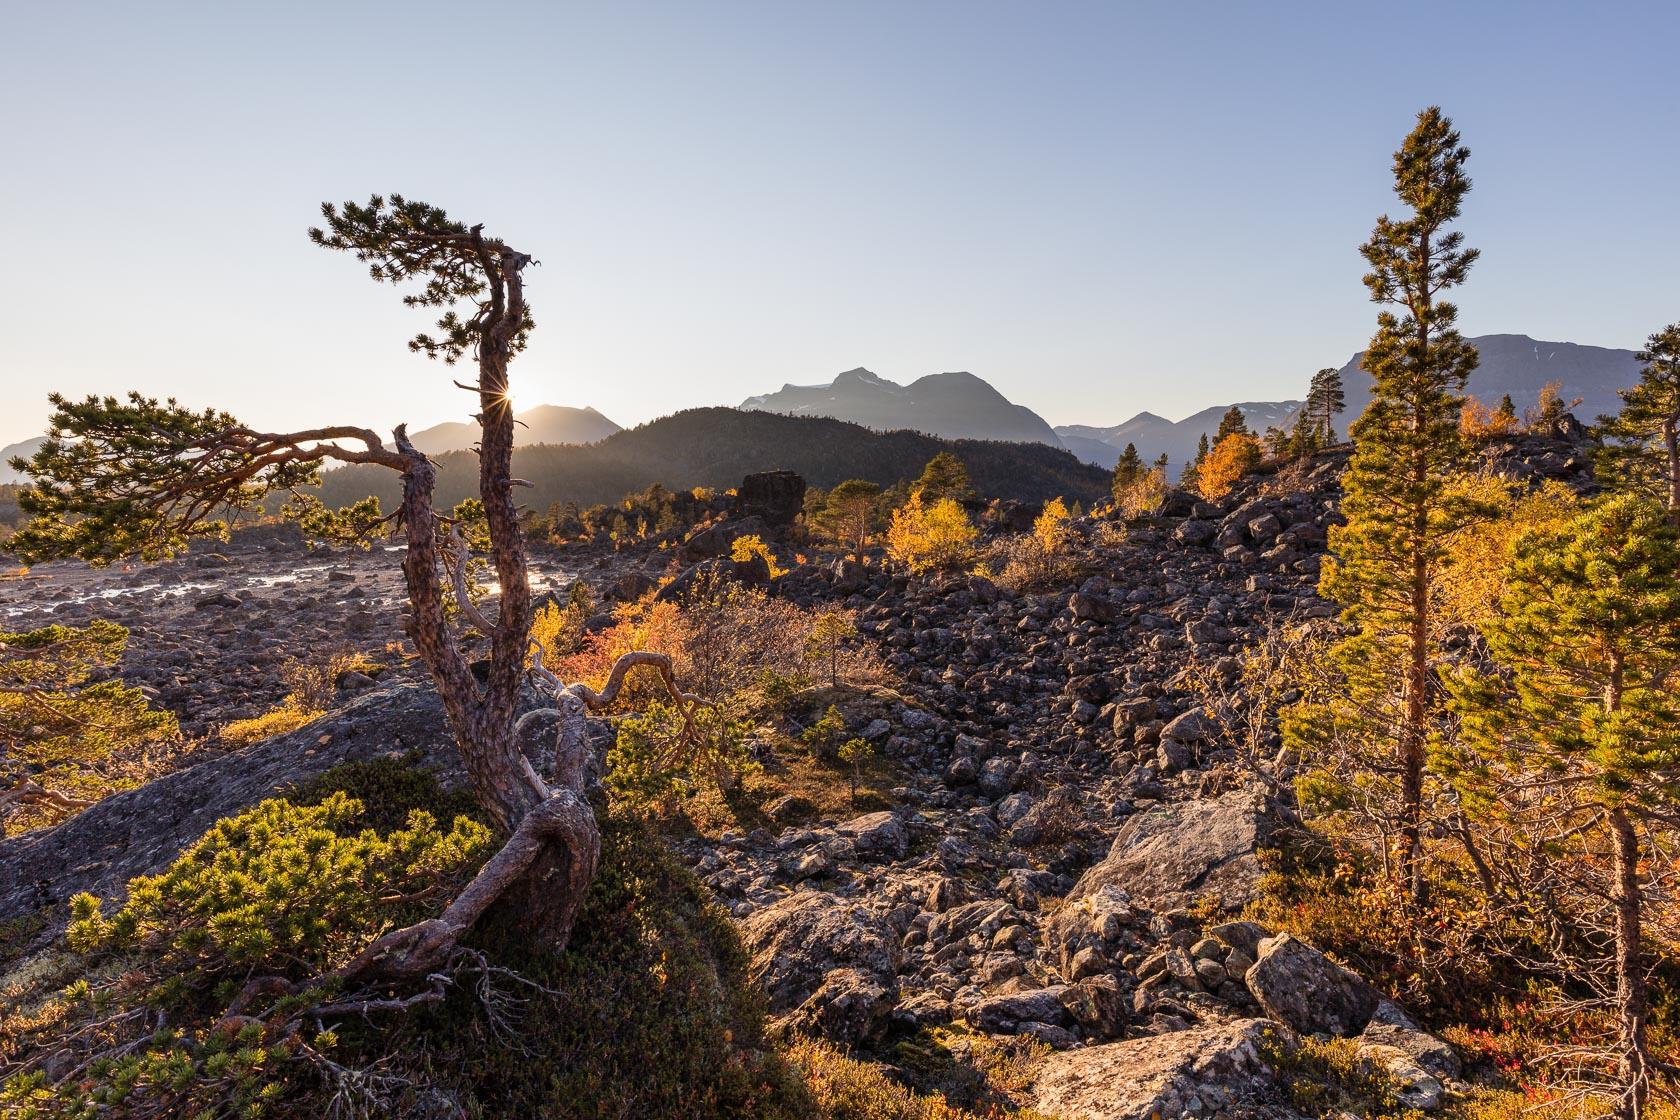 forêt pionnière sur une moraine glaciaire dans les Alpes de Lyngen en Norvège